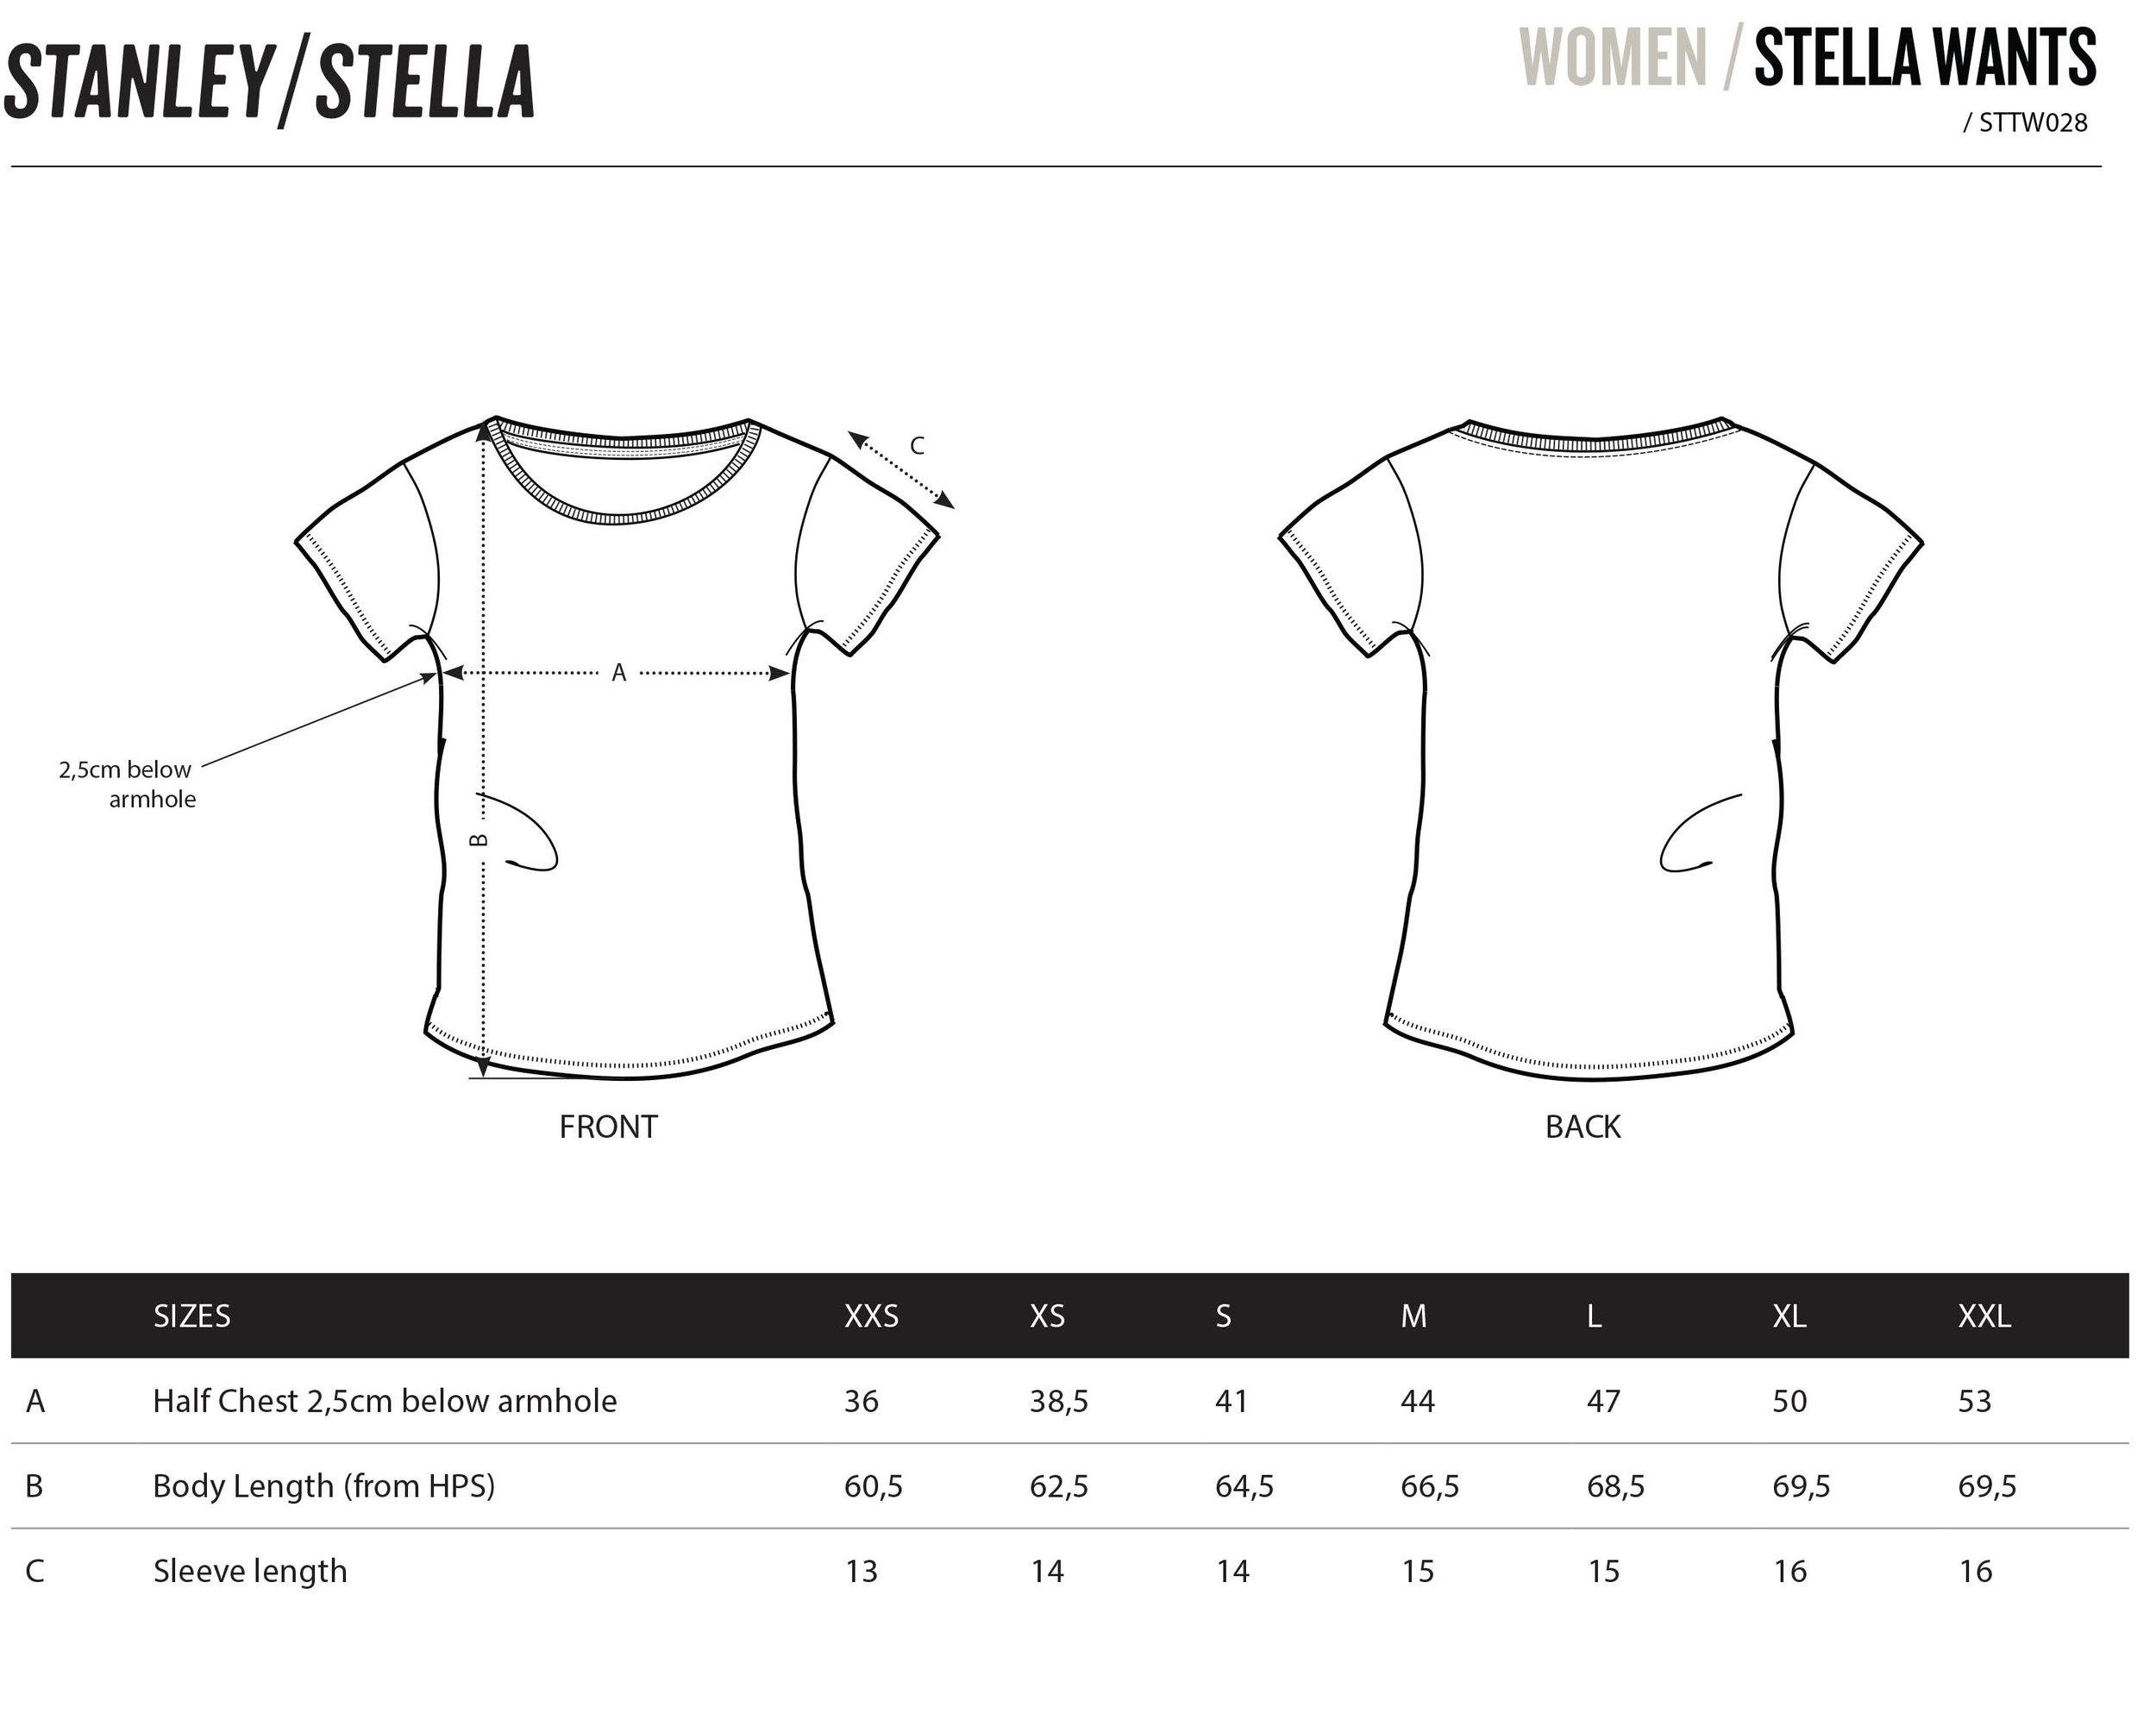 Size Guide_Sttw028.jpg